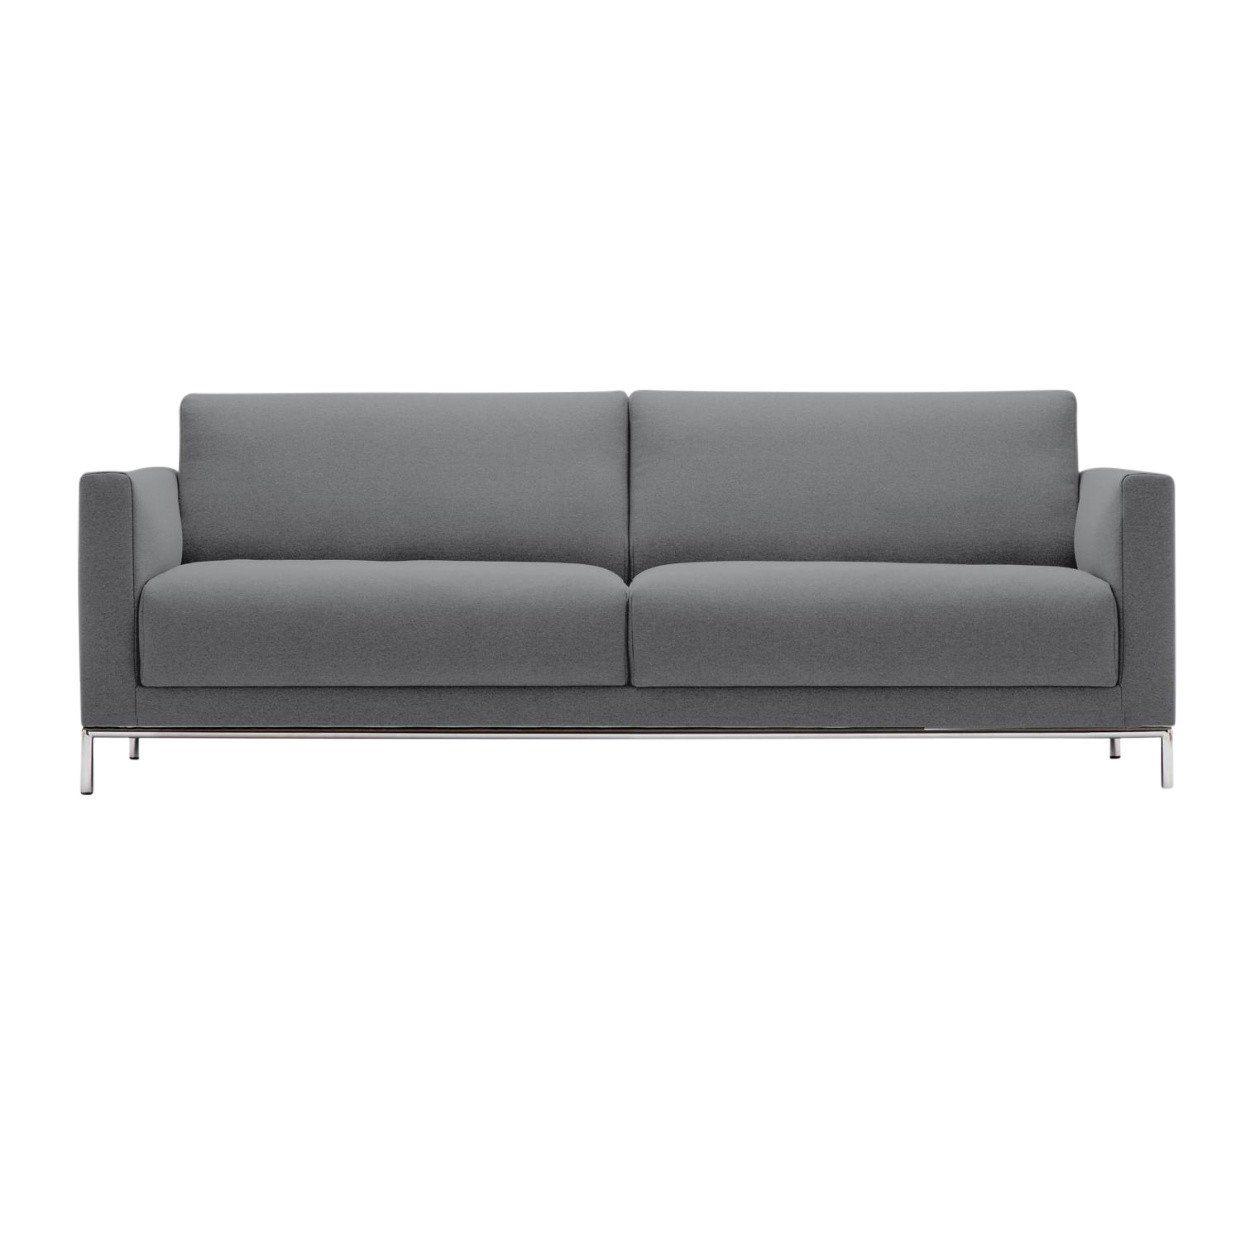 freistil 141 canap 3 places pi tem chrome freistil rolf benz. Black Bedroom Furniture Sets. Home Design Ideas